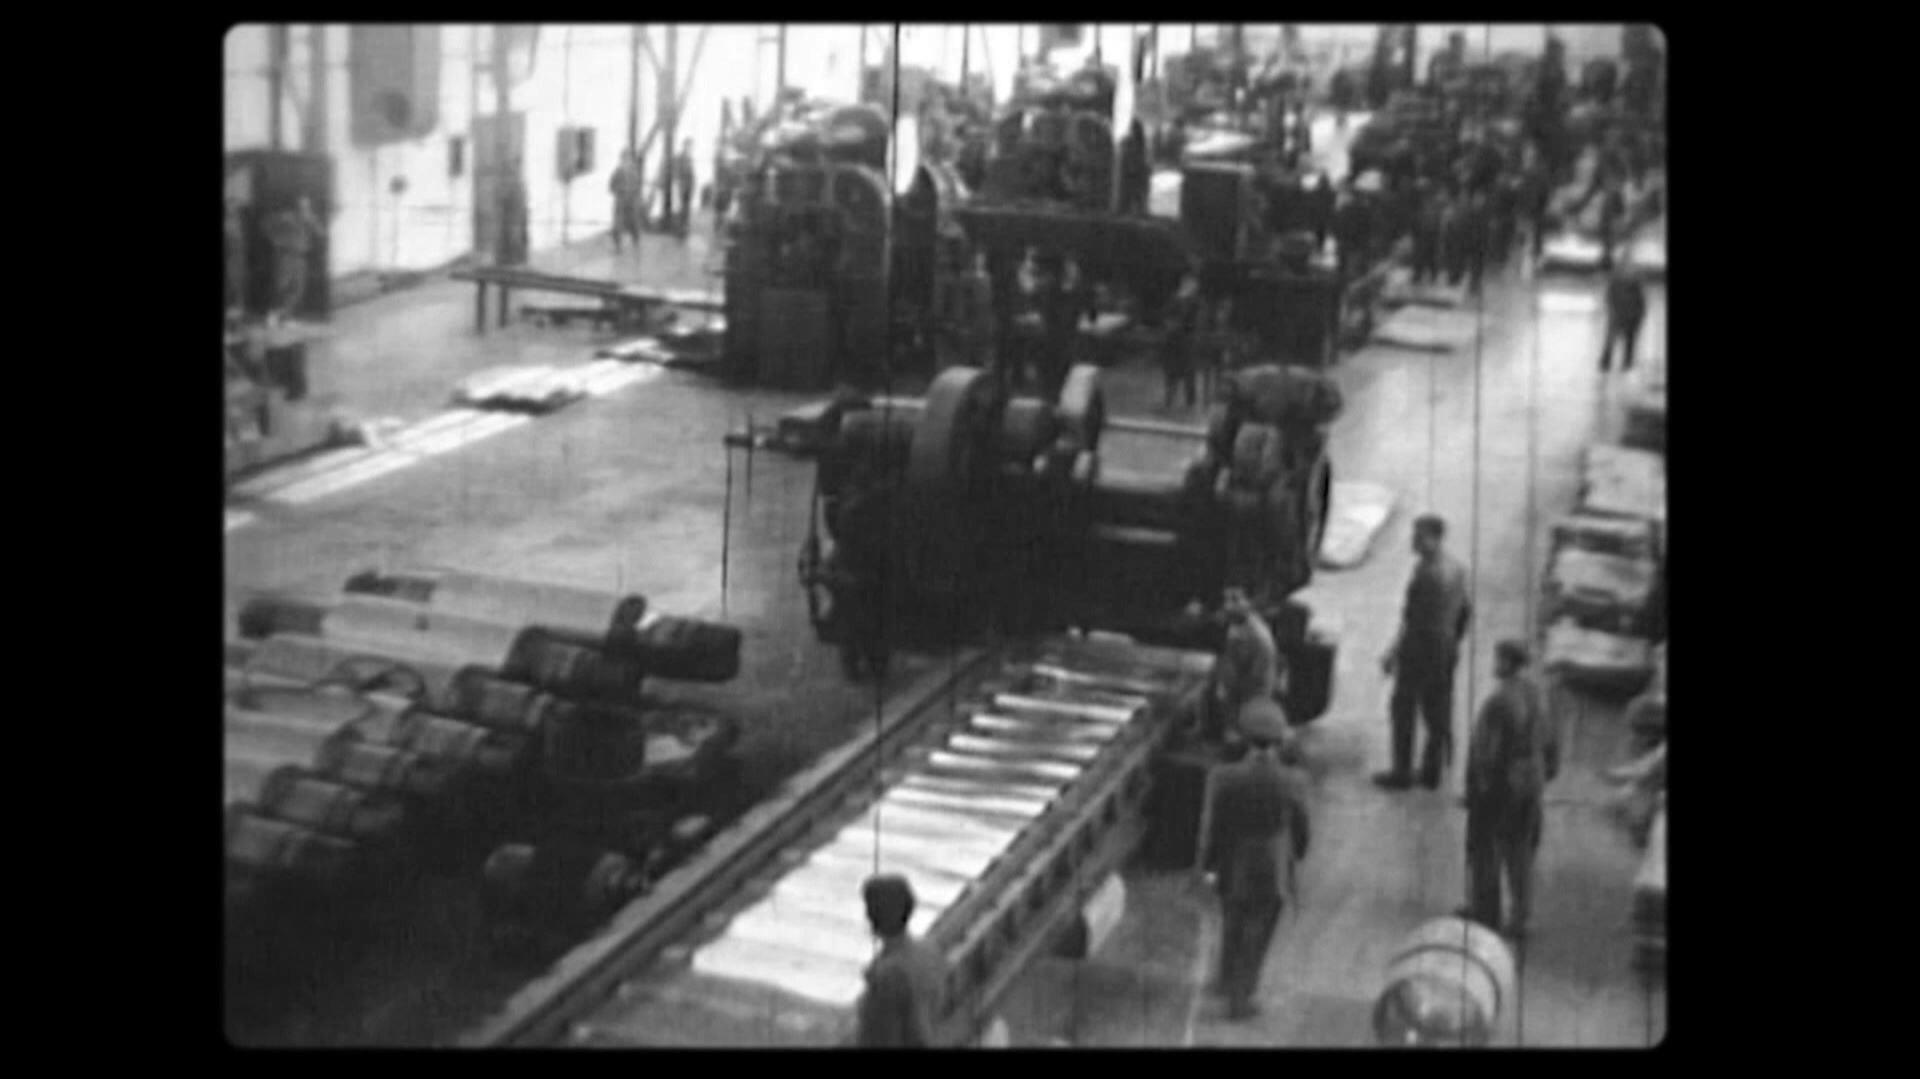 کارخانه تولید سلاح